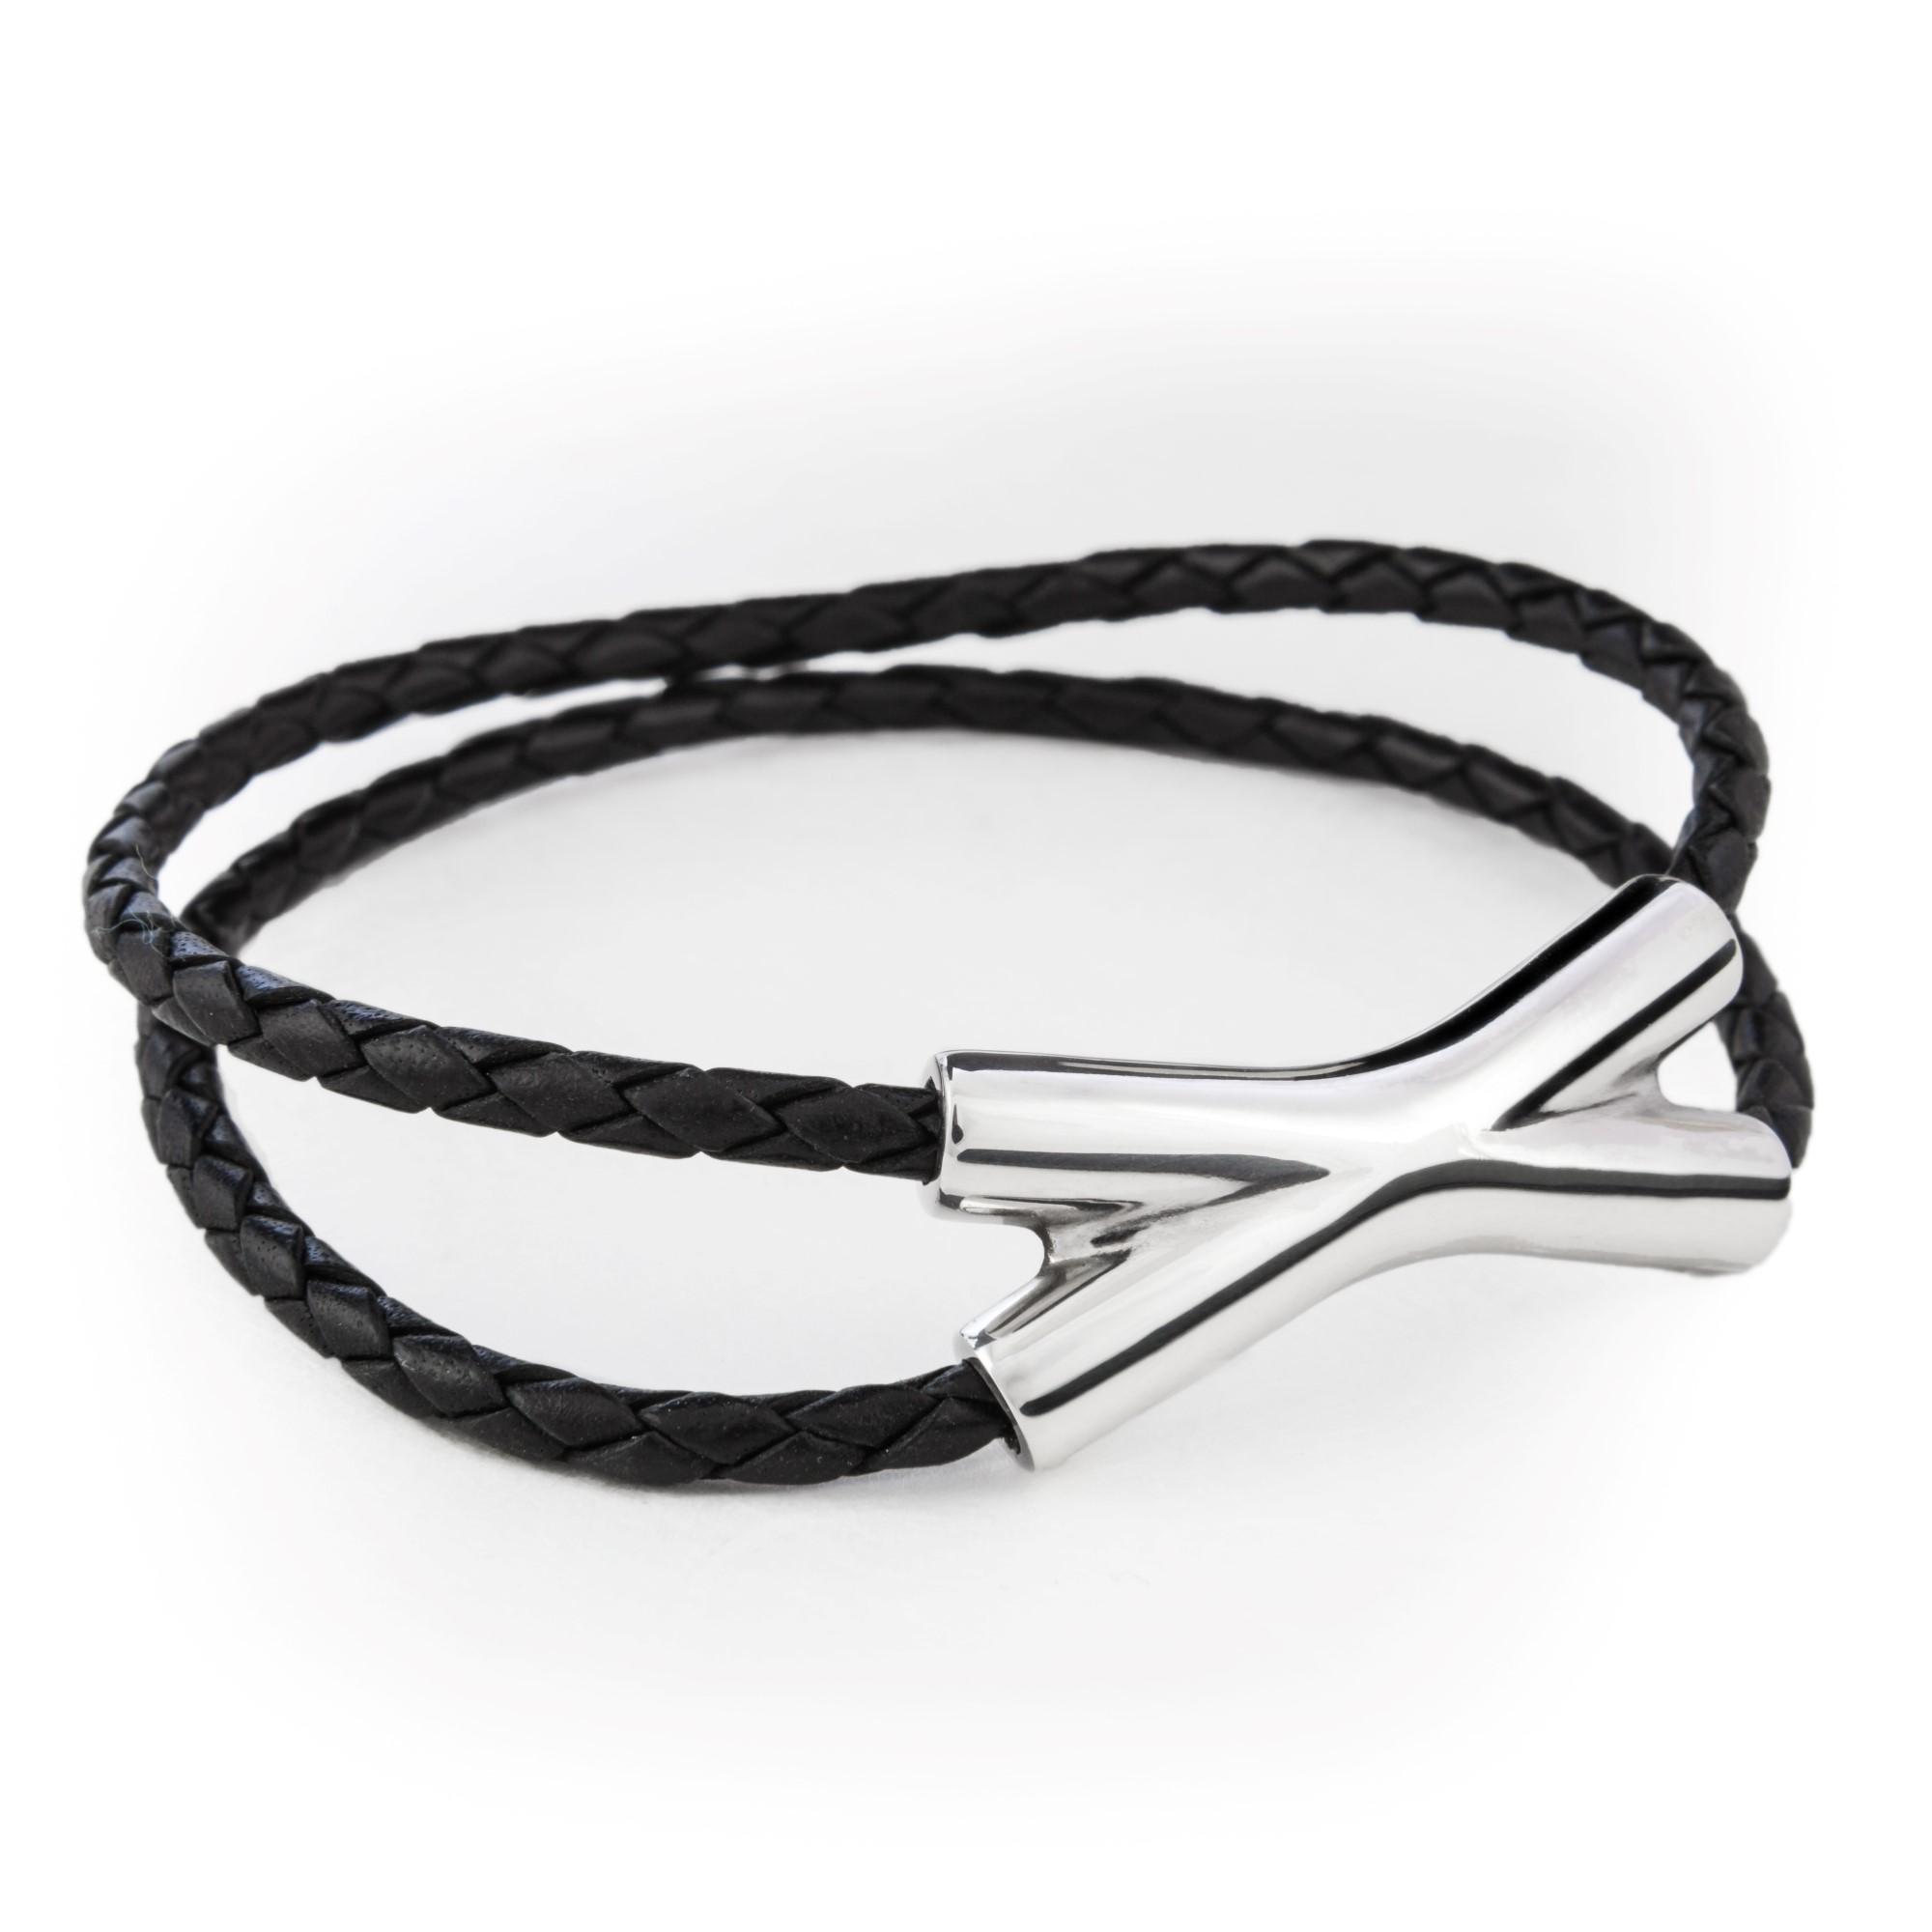 crossover Bracelet Black all.jpg